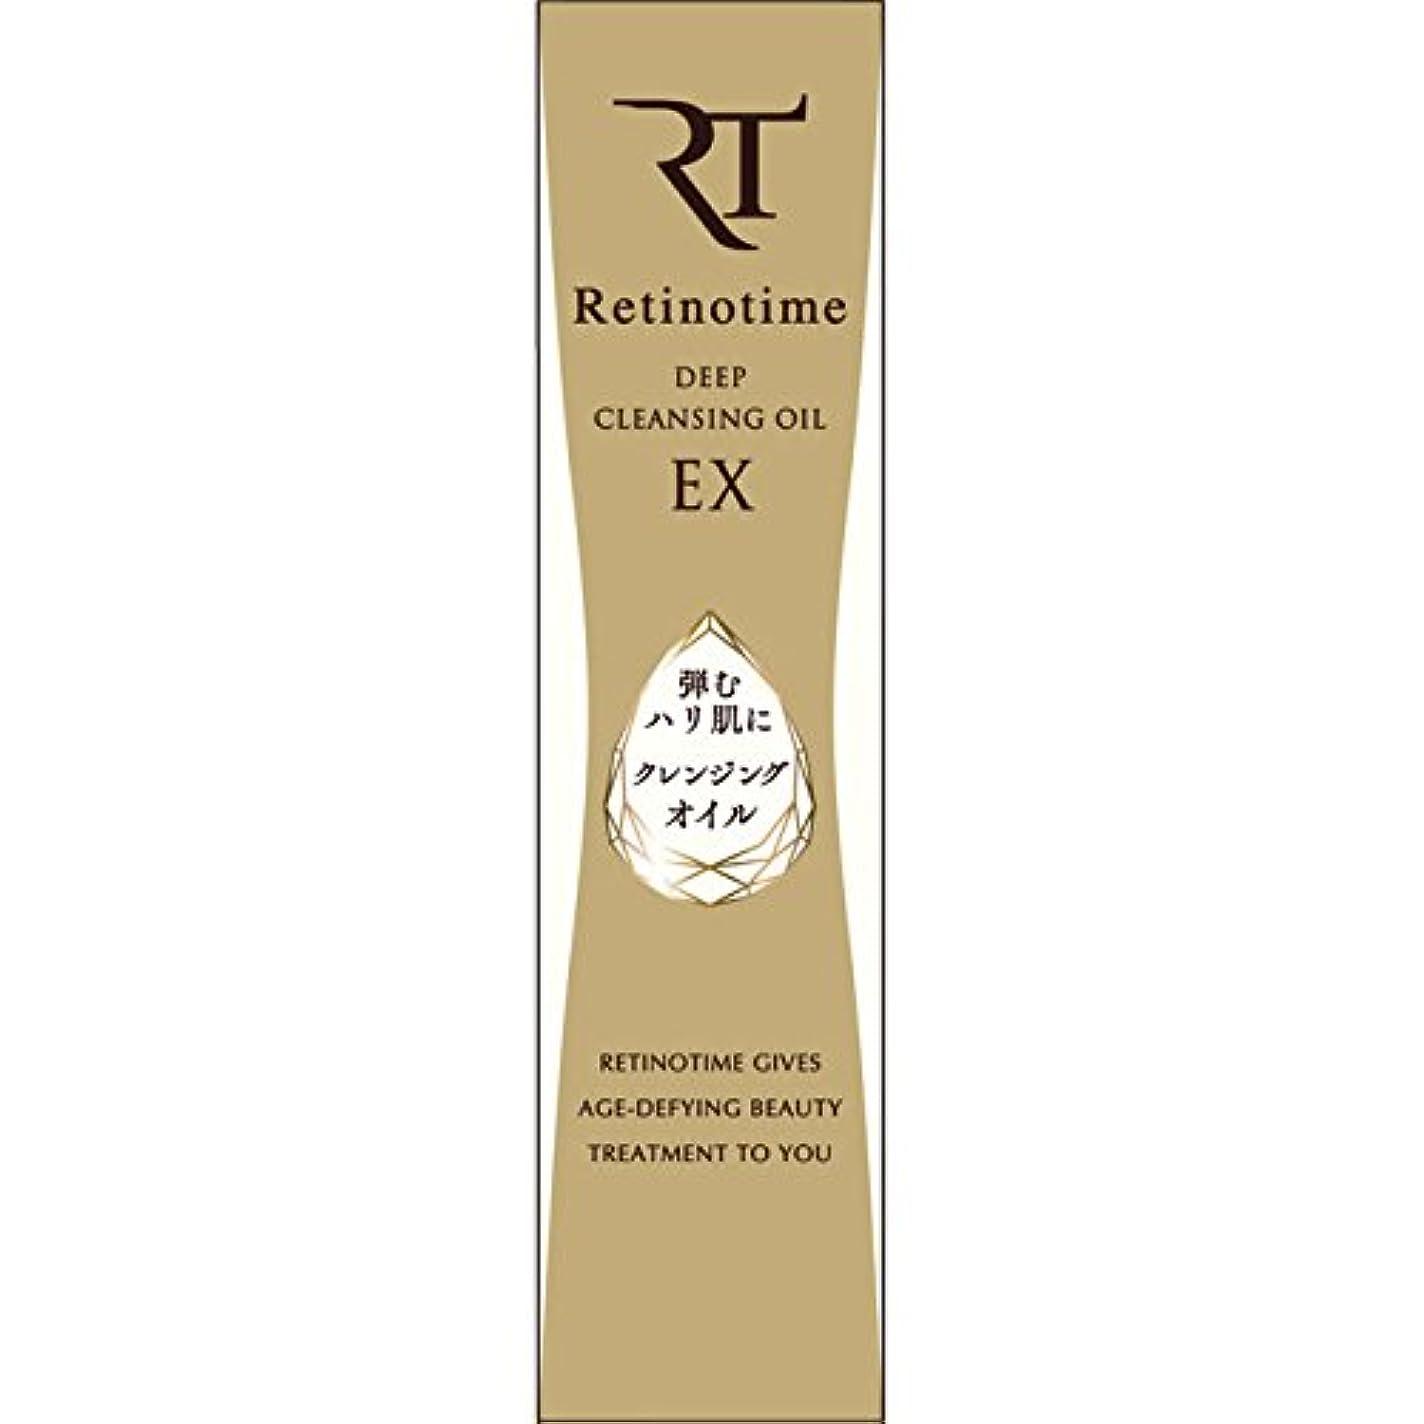 溶けるコンサルタントトラフナリス化粧品 レチノタイム ディープクレンジングオイル EX 150ml